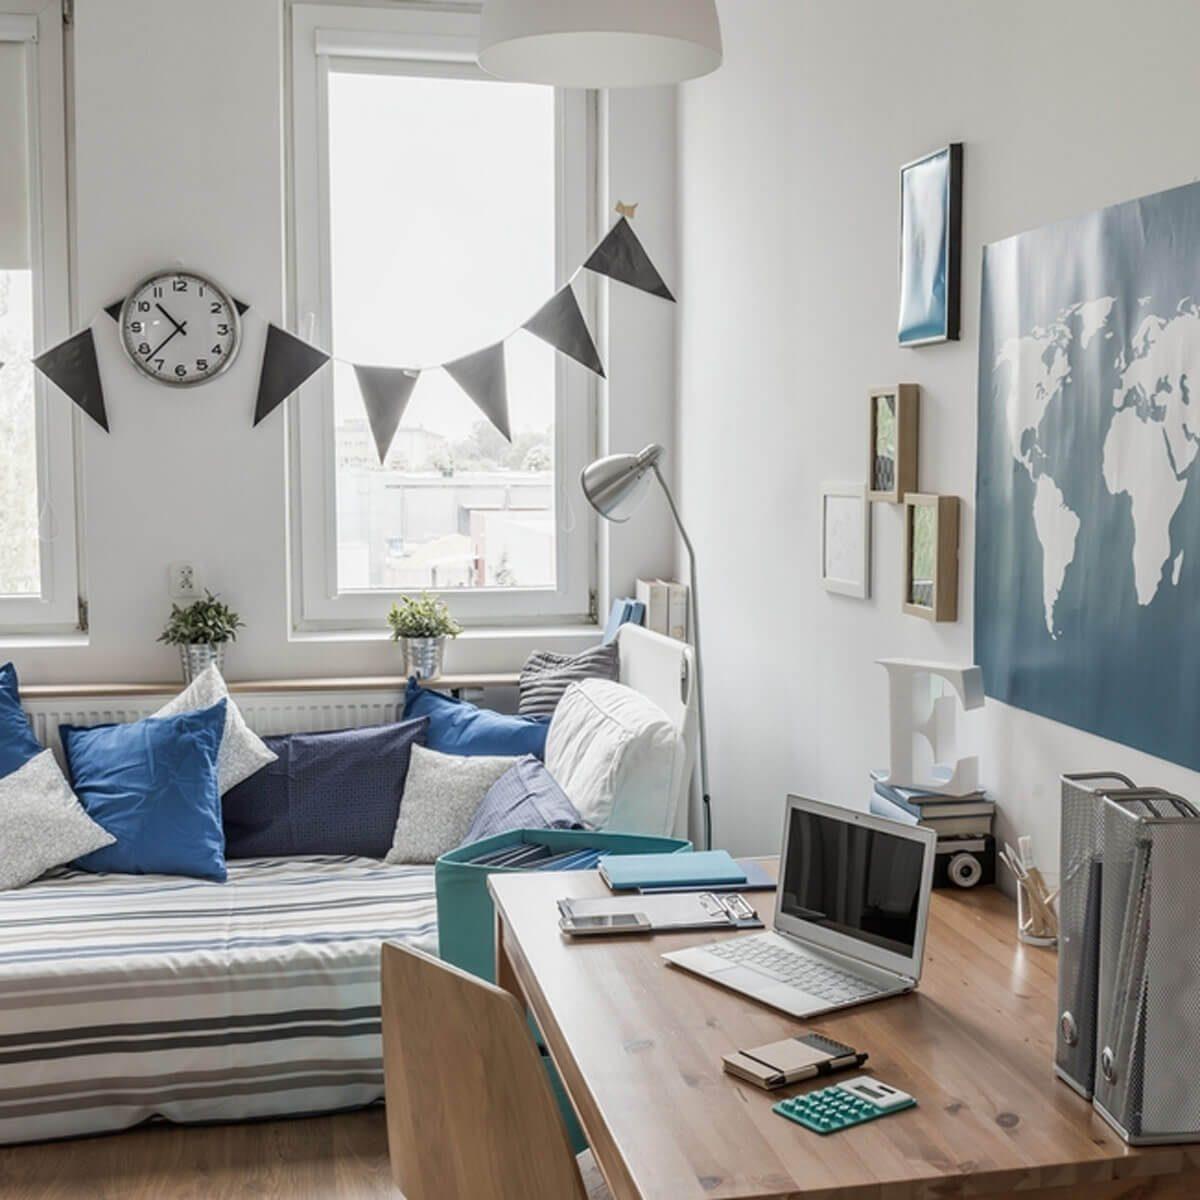 world-traveler-maps-bedroom-decor